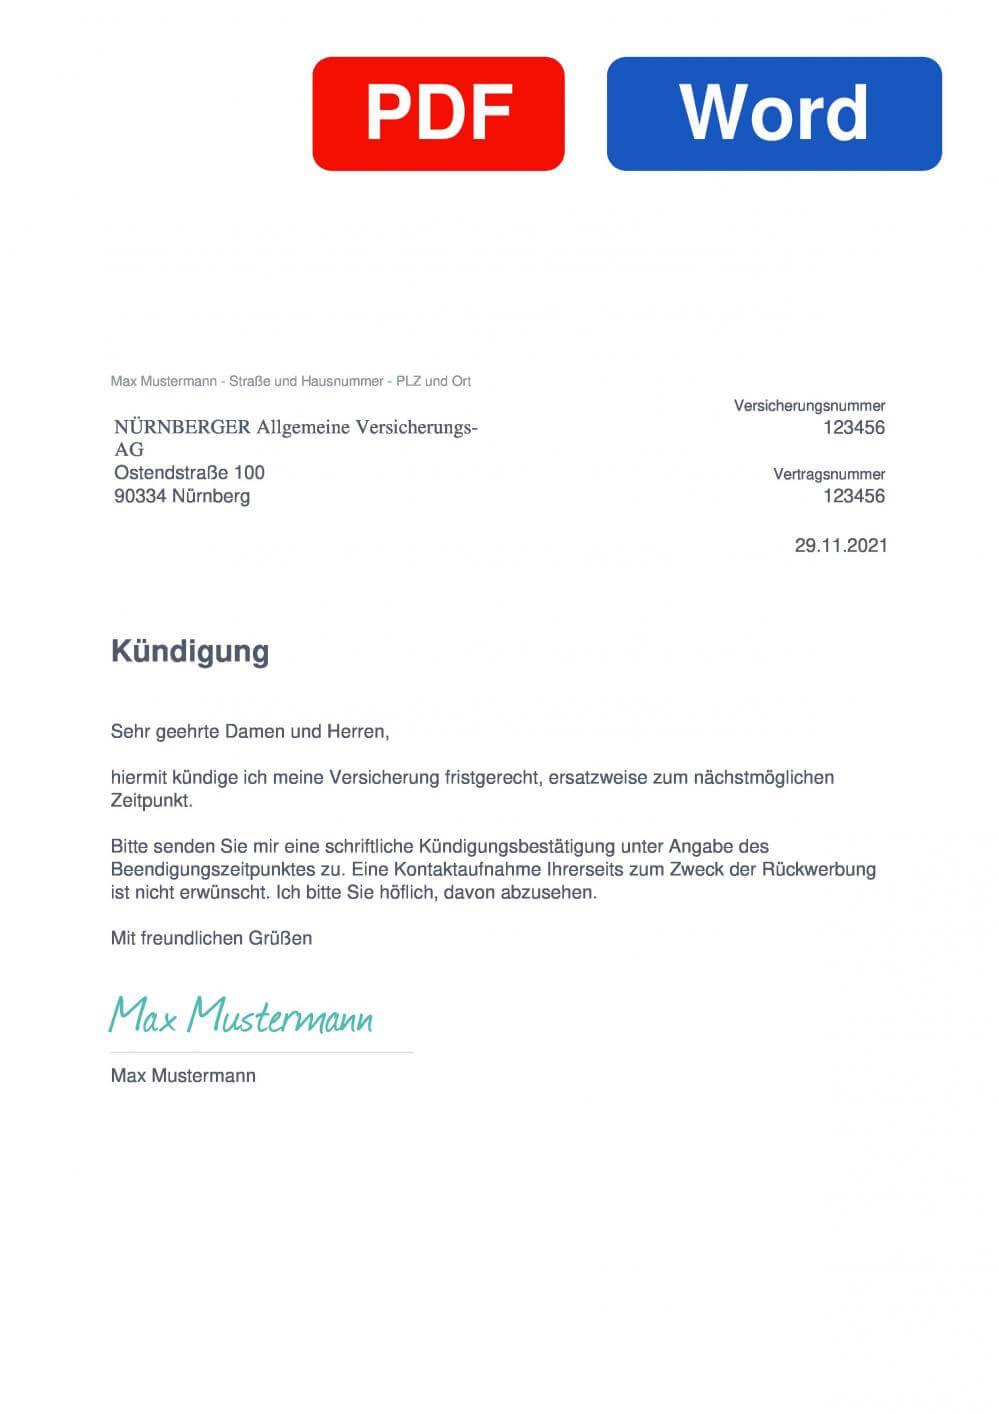 NÜRNBERGER Biene Maja Muster Vorlage für Kündigungsschreiben